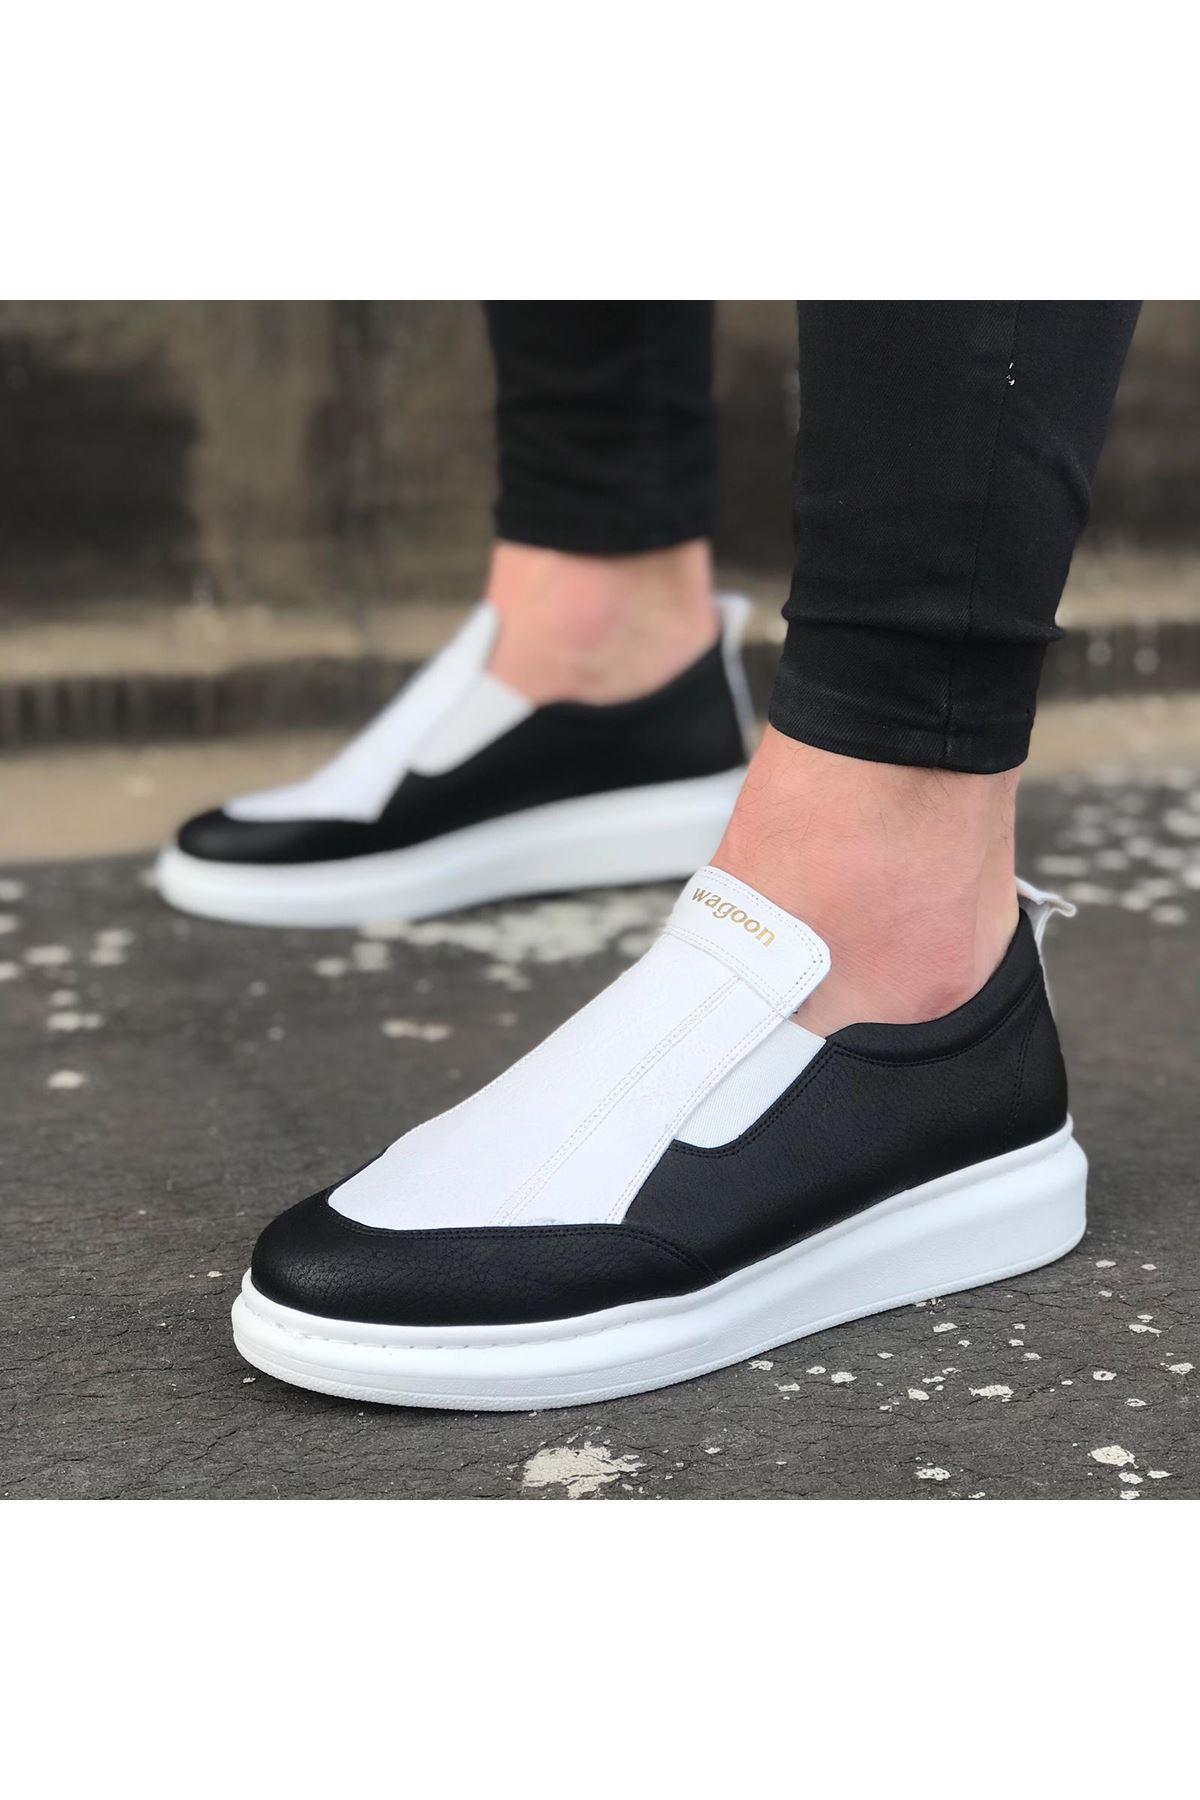 Wagoon WG049 Siyah Beyaz Yüksek Taban Casual Erkek Ayakkabı